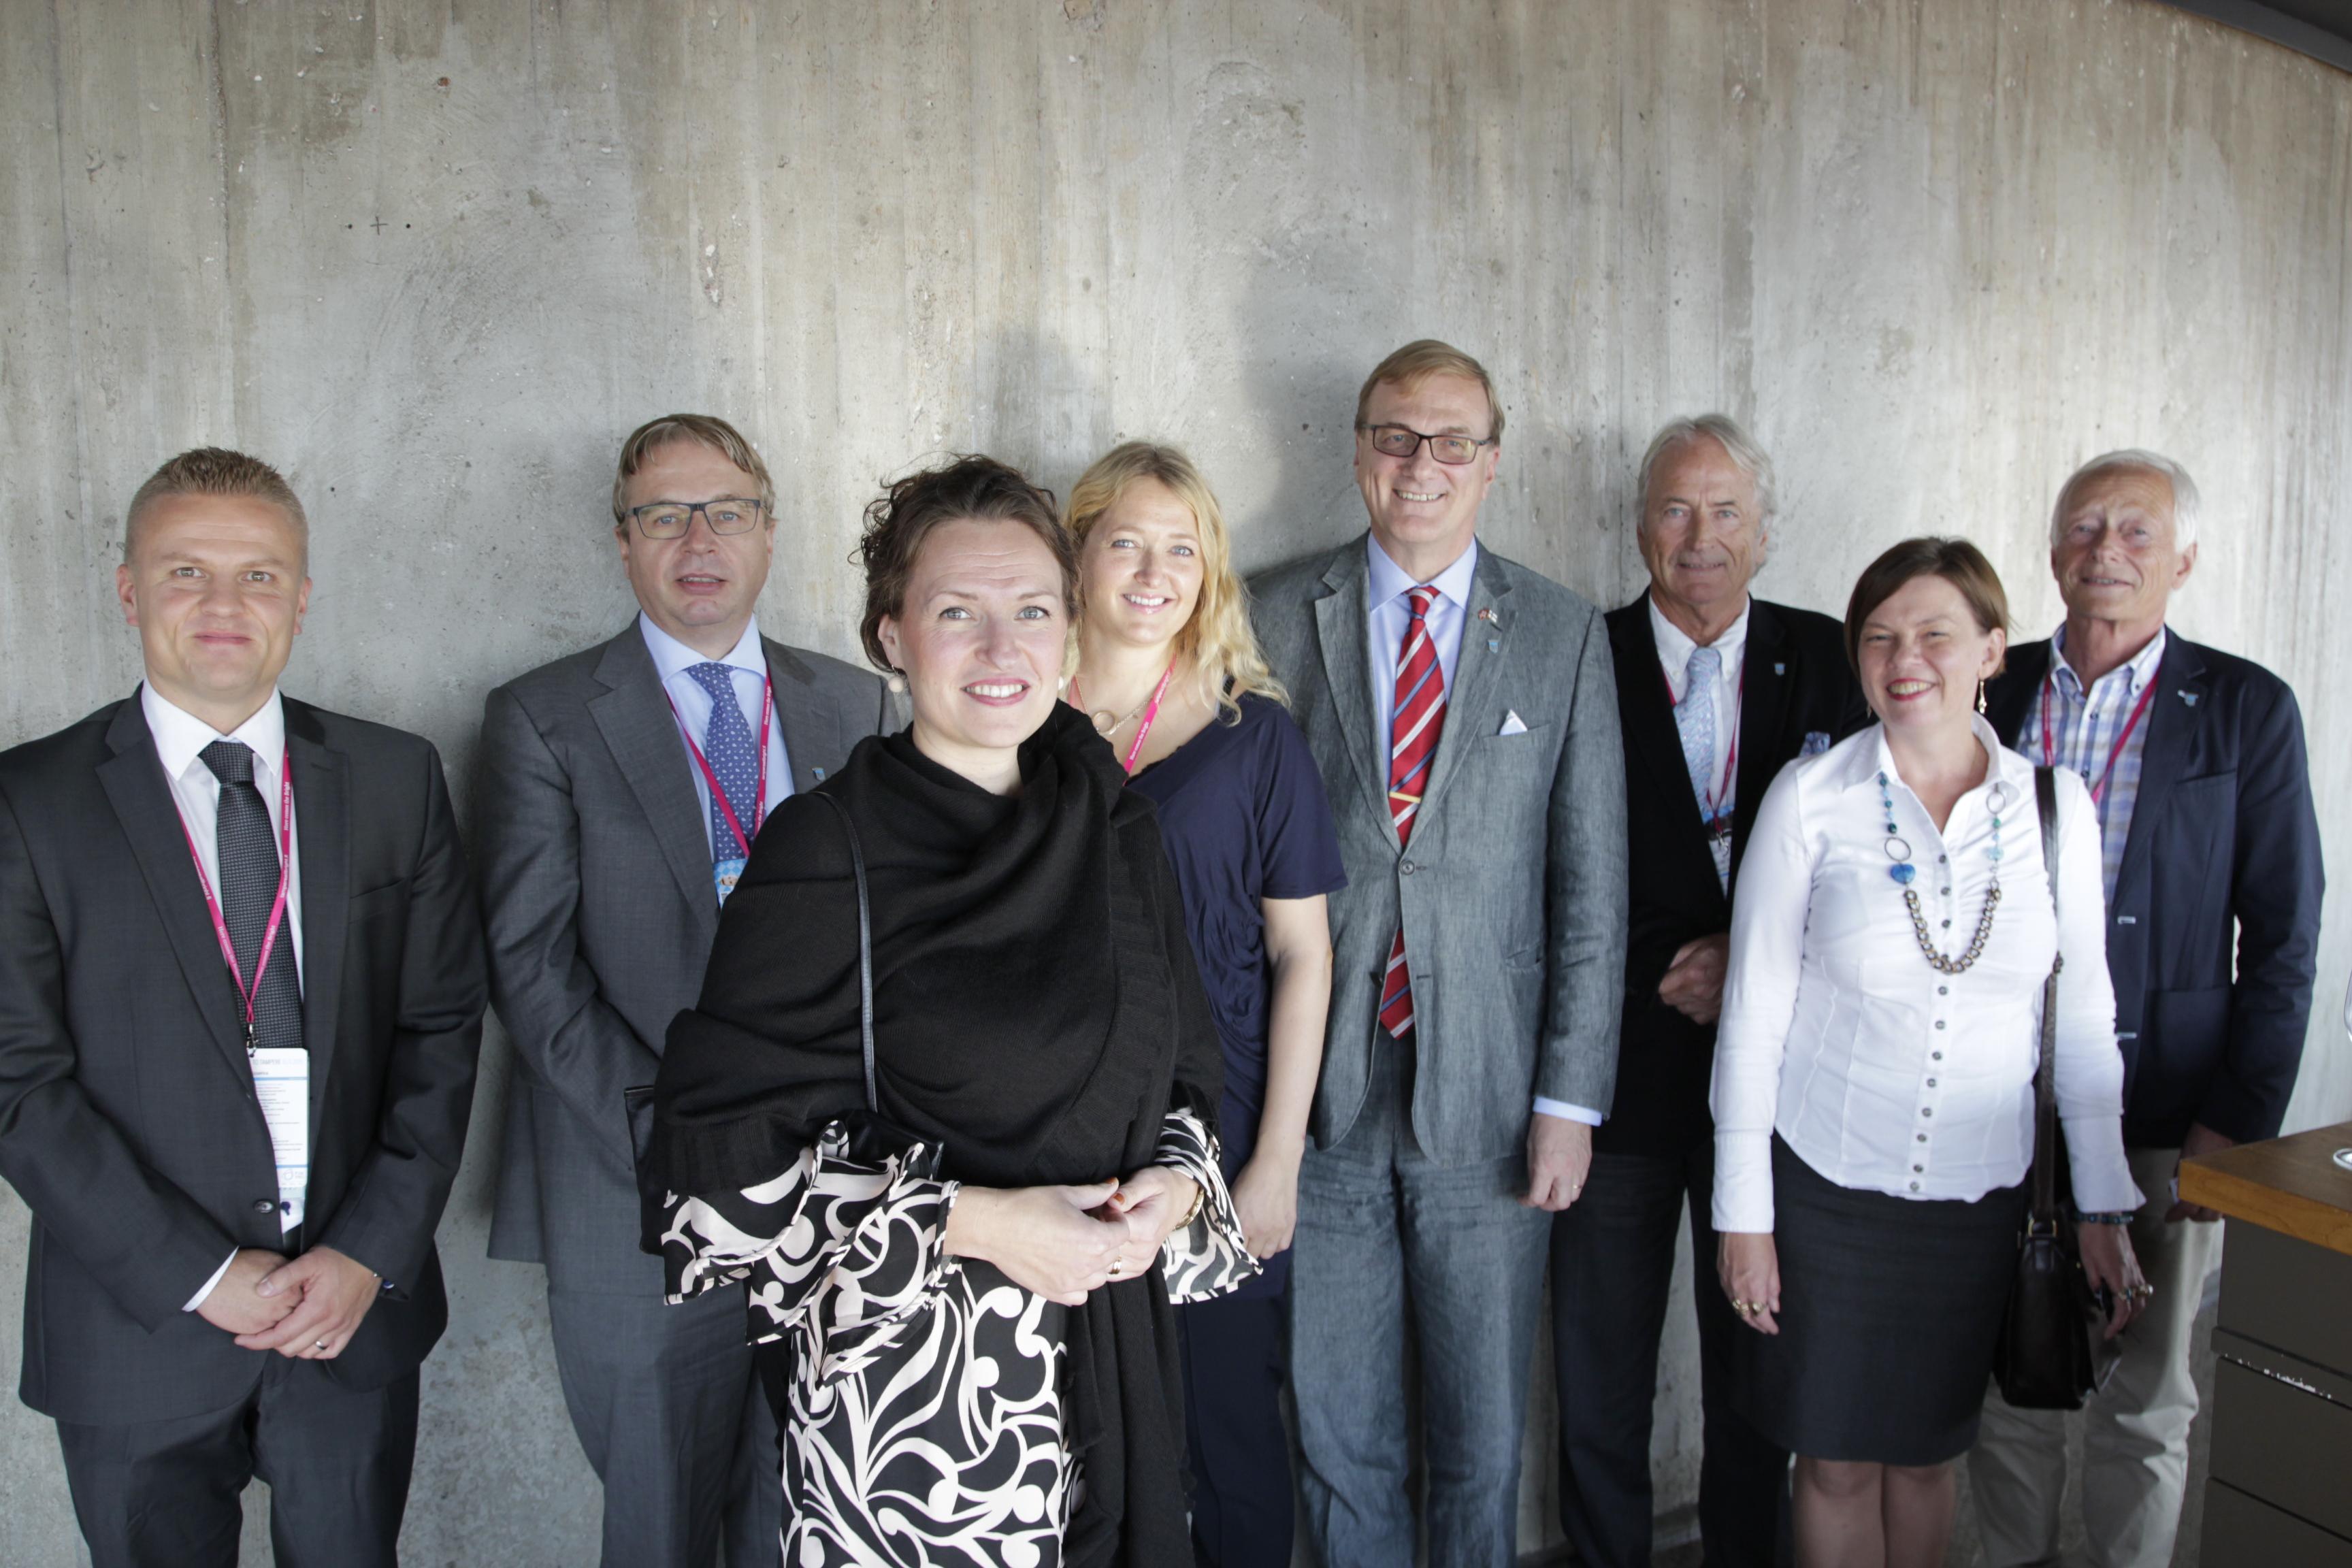 Knytter vennskapsbånd. Deler av delegasjonen fra Trondheim ble tatt imot av Tamperes ordfører Anna-Kaisa Ikonen, nummer tre fra venstre. 38-åringen med doktorgrad i statsvitenskap har styrt byen siden januar 2013. Med på møtet var også (f.v) Oula Välipakka (Tredea), Per Koch (Innovasjon Norge), Astrid Haugslett (Trondheimsregionen), Timo Salli (norsk konsul i Tampere), Harald Setsaas (finsk konsul i Trondheim), ordfører Ikonens rådgiver og Birger Elvestad (Trondheim kommune).